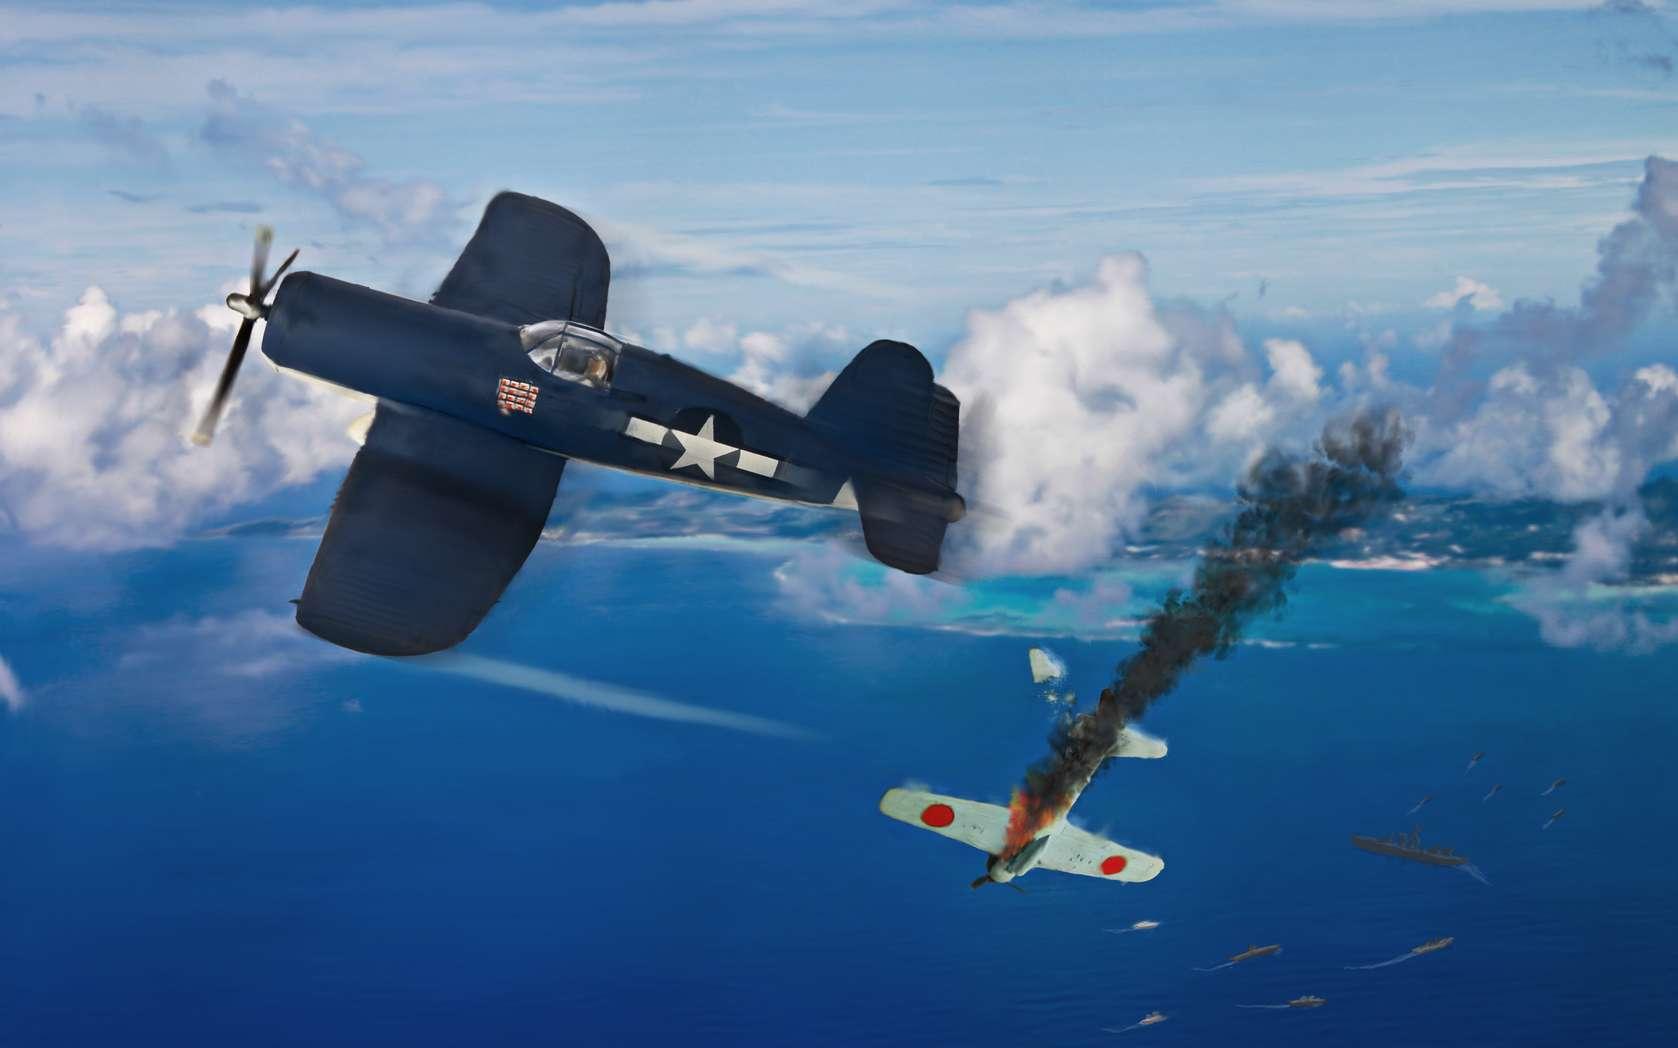 Les États-Unis déclarent la guerre au Japon et aux puissances de l'Axe le 8 décembre 1941. © Keith Tarrier, fotolia